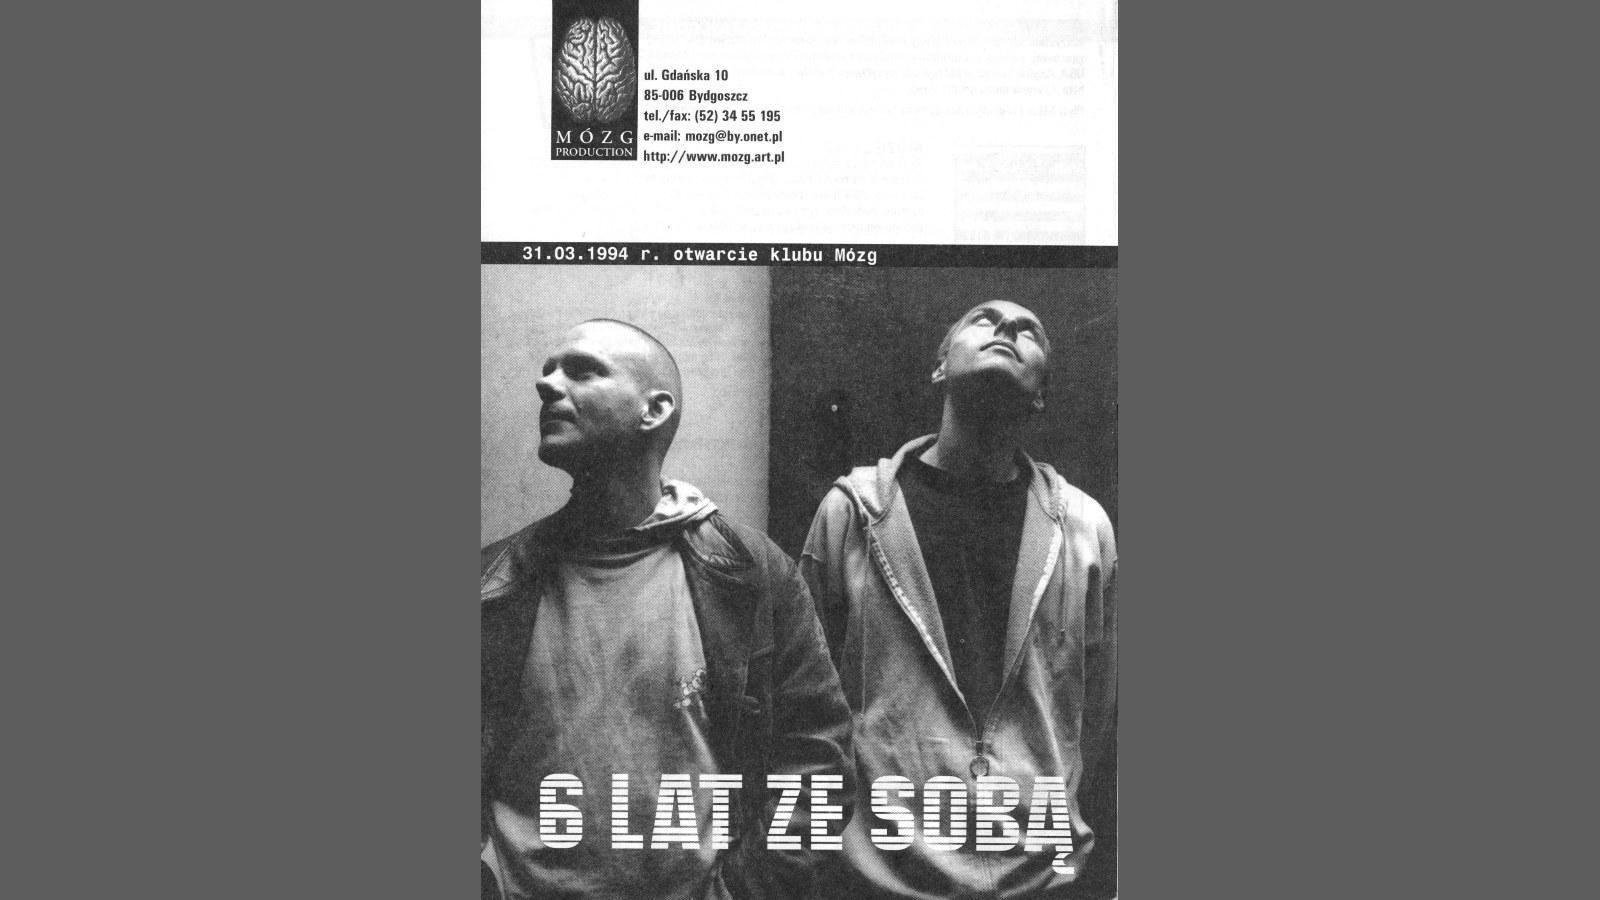 http://mozg.nazwa.pl/mozg_art_pl/archiwum/import/zbyziel/program-2000-wiosna-009.jpg